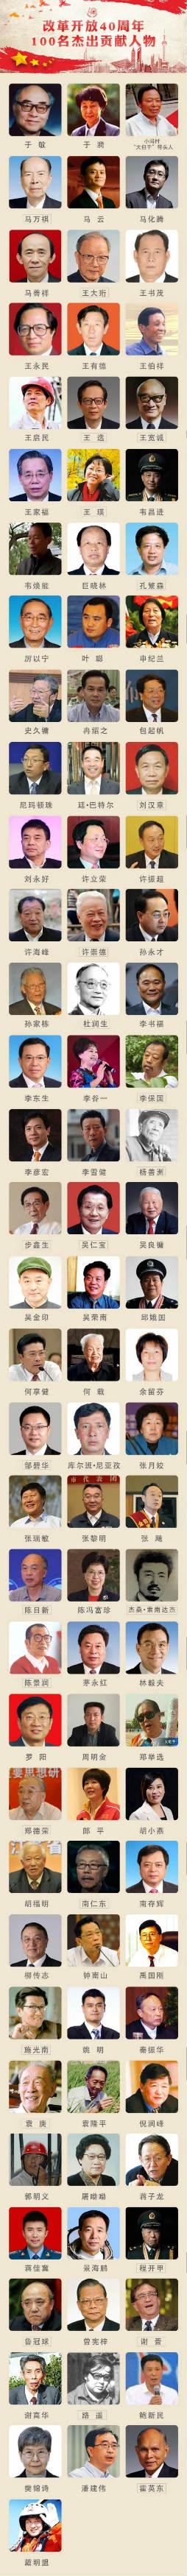 和讯网致敬改革开放40年